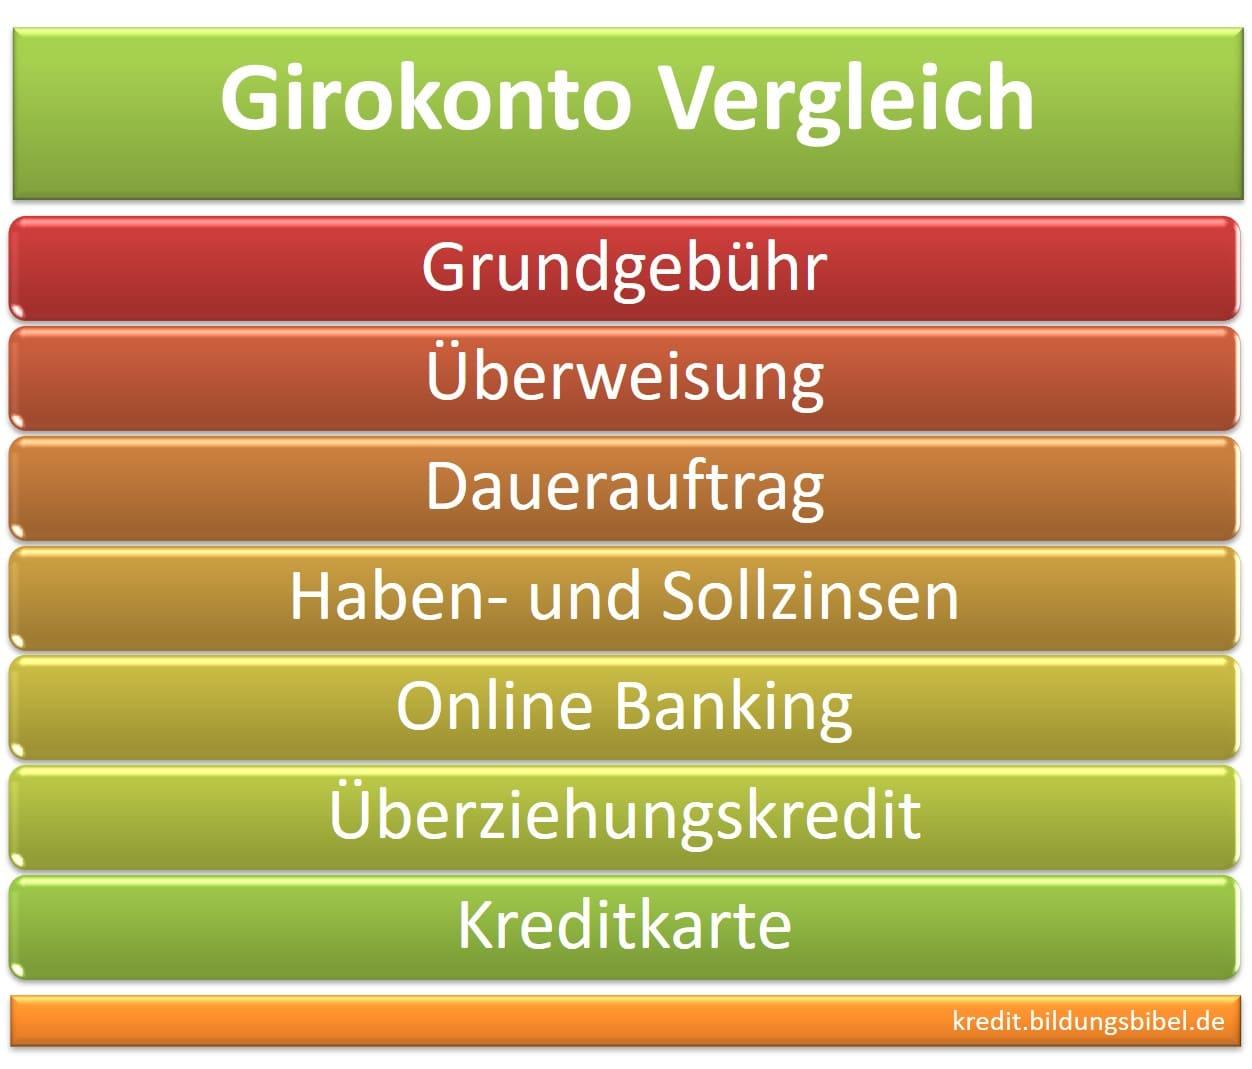 Kriterien beim Girokonto vergleichen, Gebühren, Zahlungsverkehr, Haben- und Sollzinsen, Online Banking oder Kreditkarte sowie Überziehungskredit